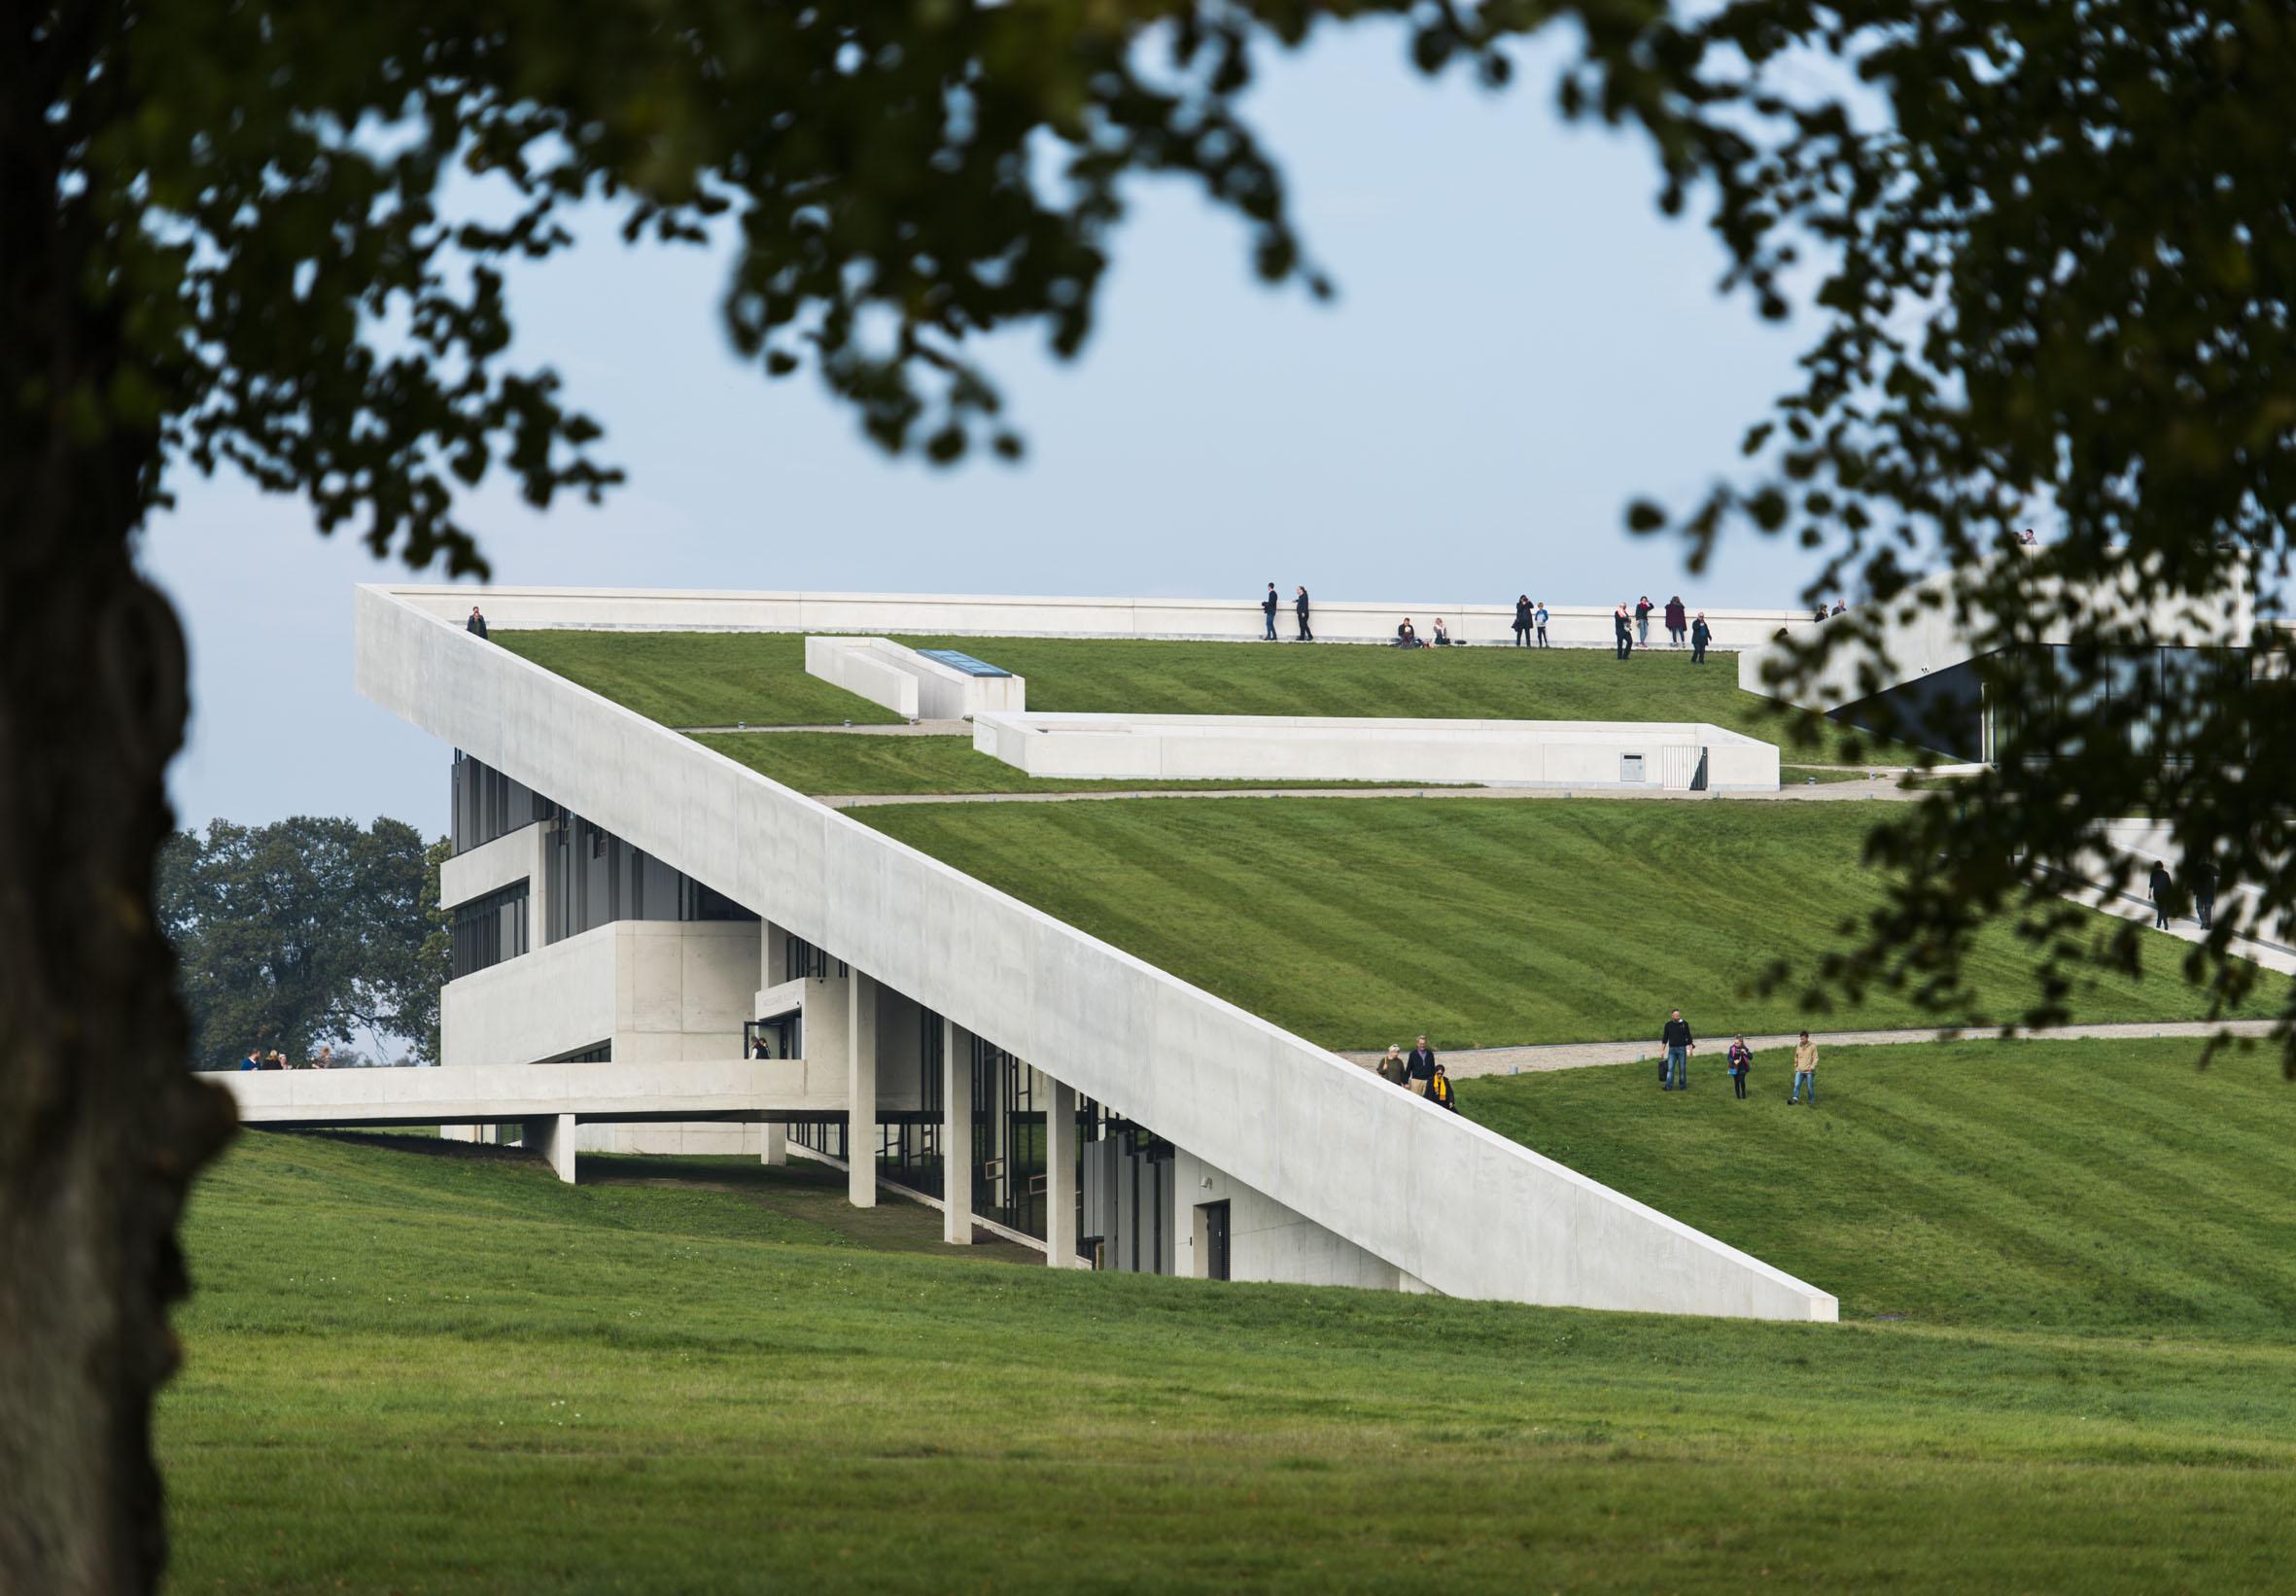 Moesgaard Museum | Organisation